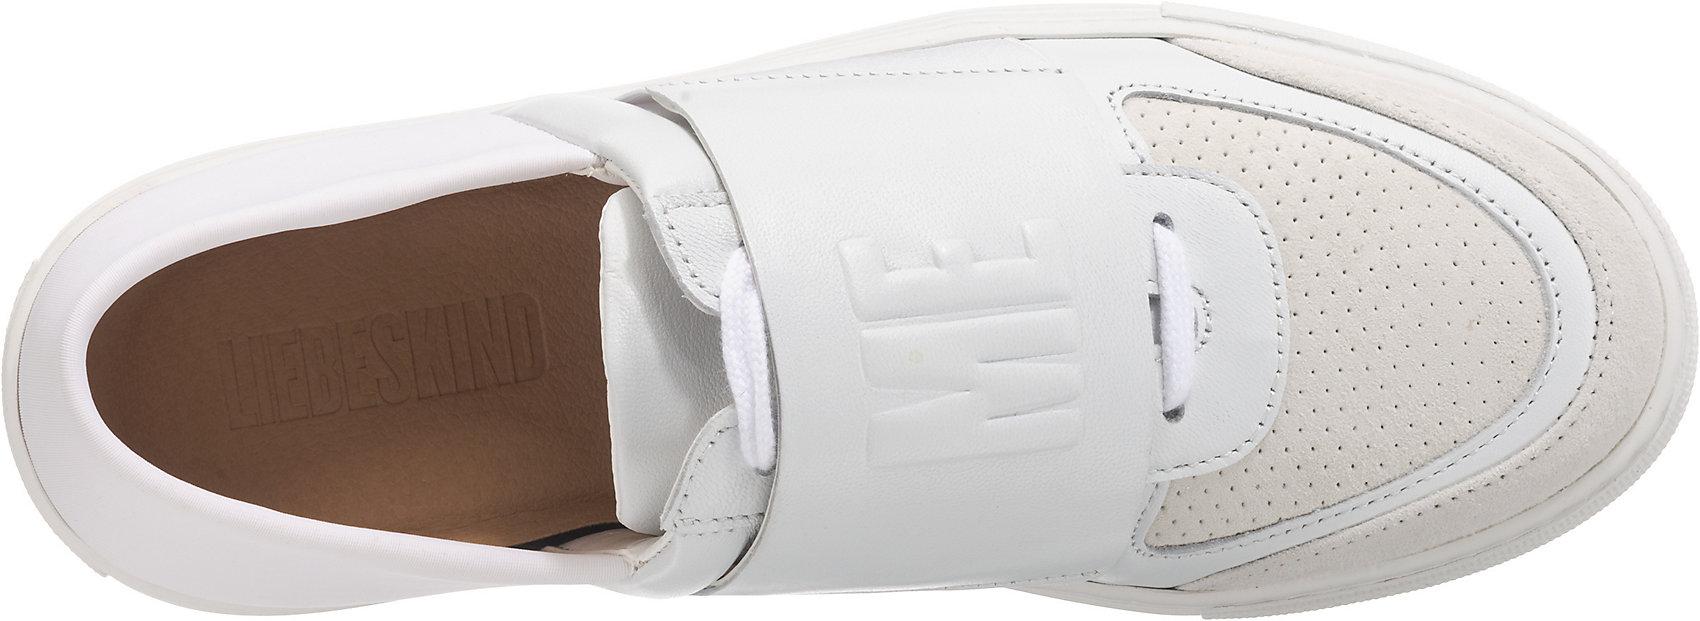 Neu Liebeskind Berlin Sneakers Low 7763285 für Damen weiß